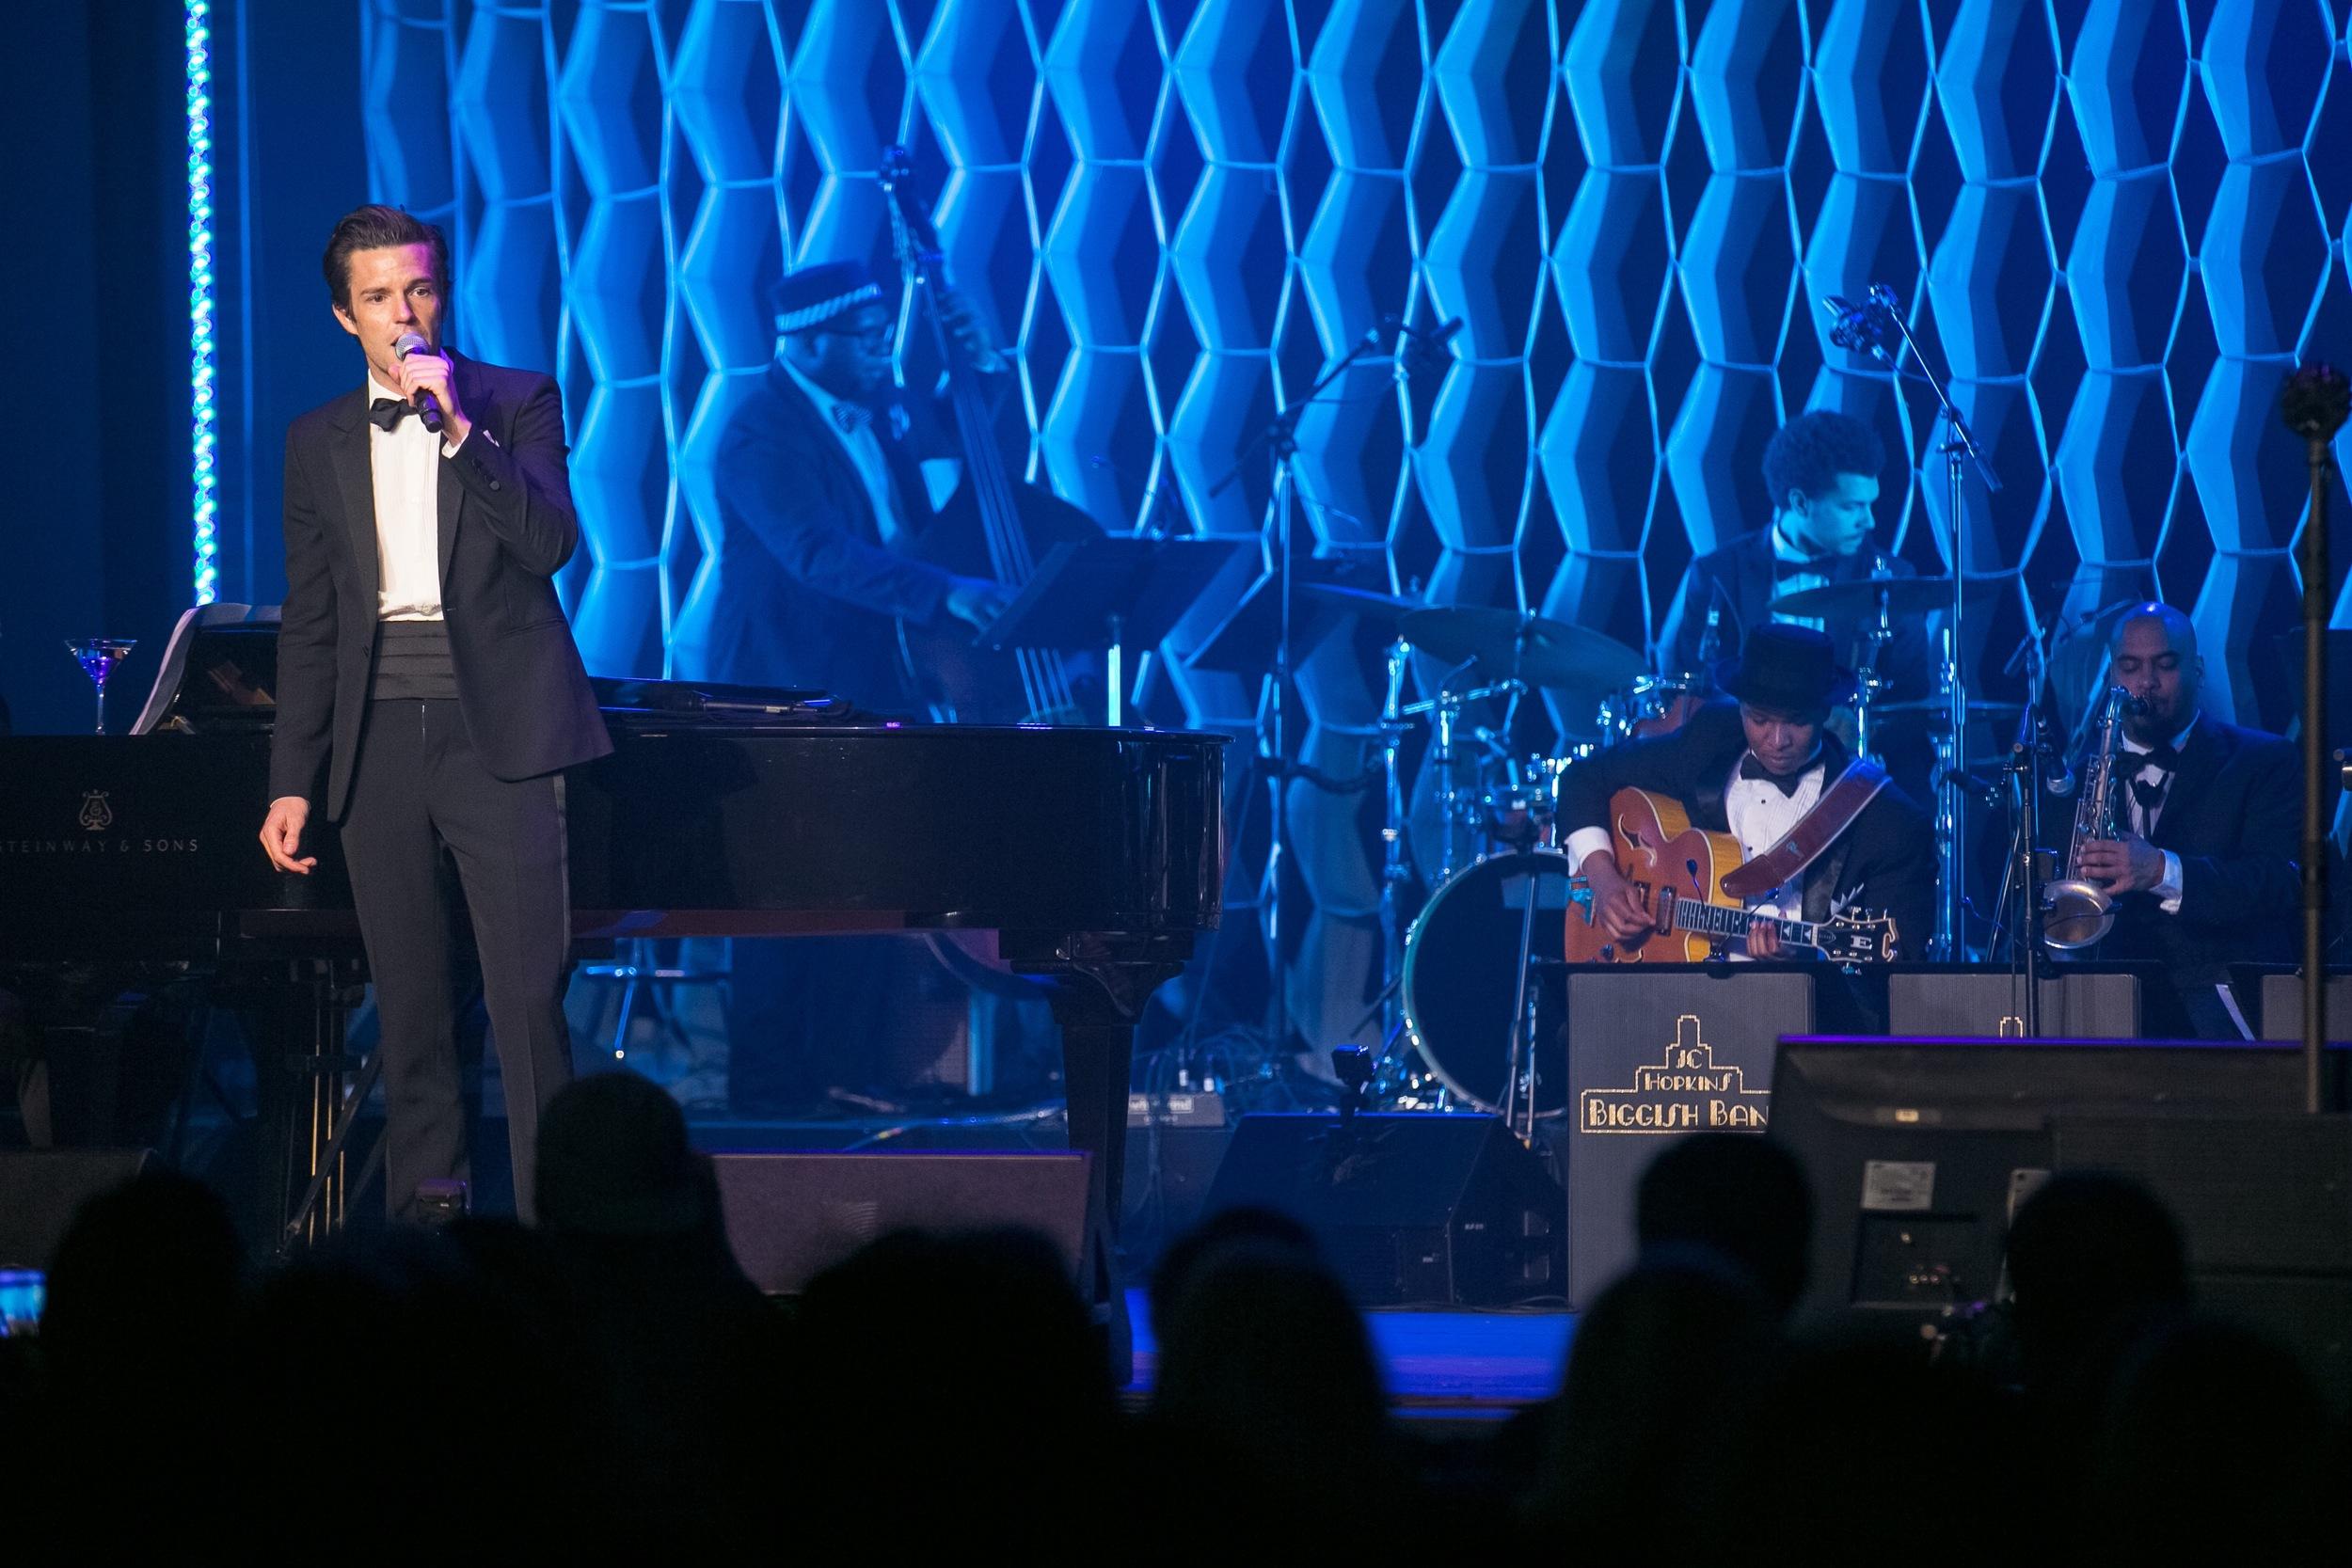 20150421-TFF Sinatra at 100-805.jpg